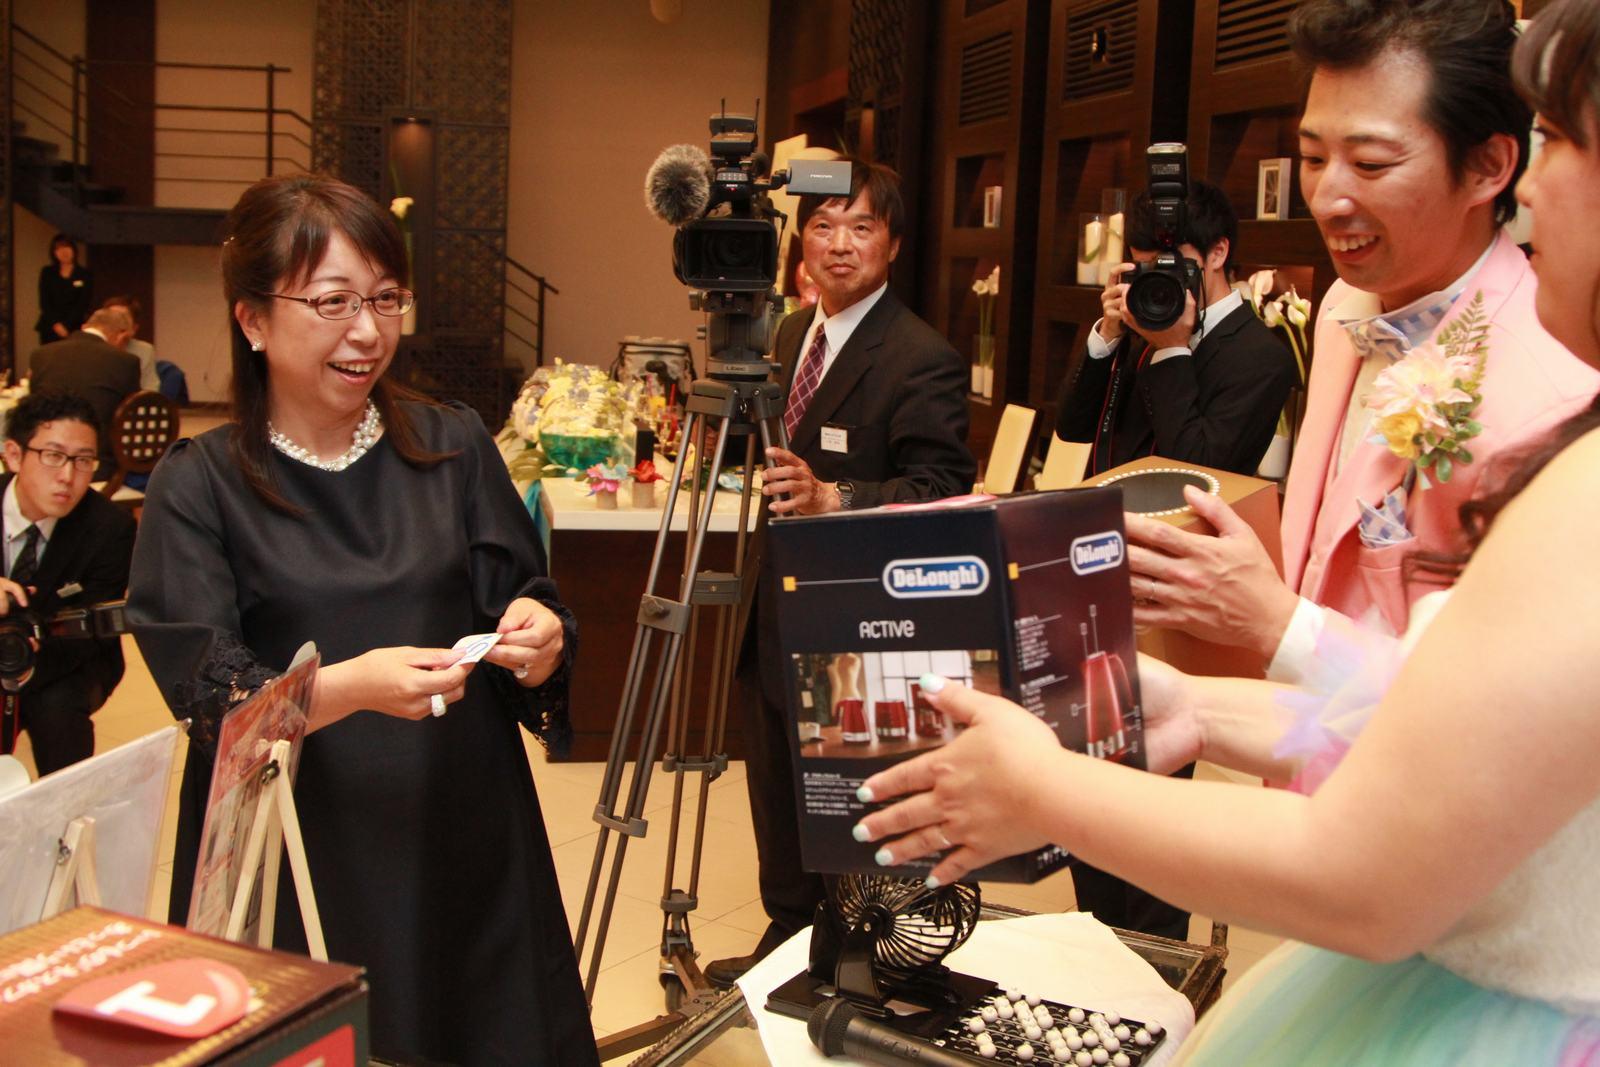 徳島市の結婚式場ブランアンジュでのビンゴゲーム大会でゲストの表情もにっこり